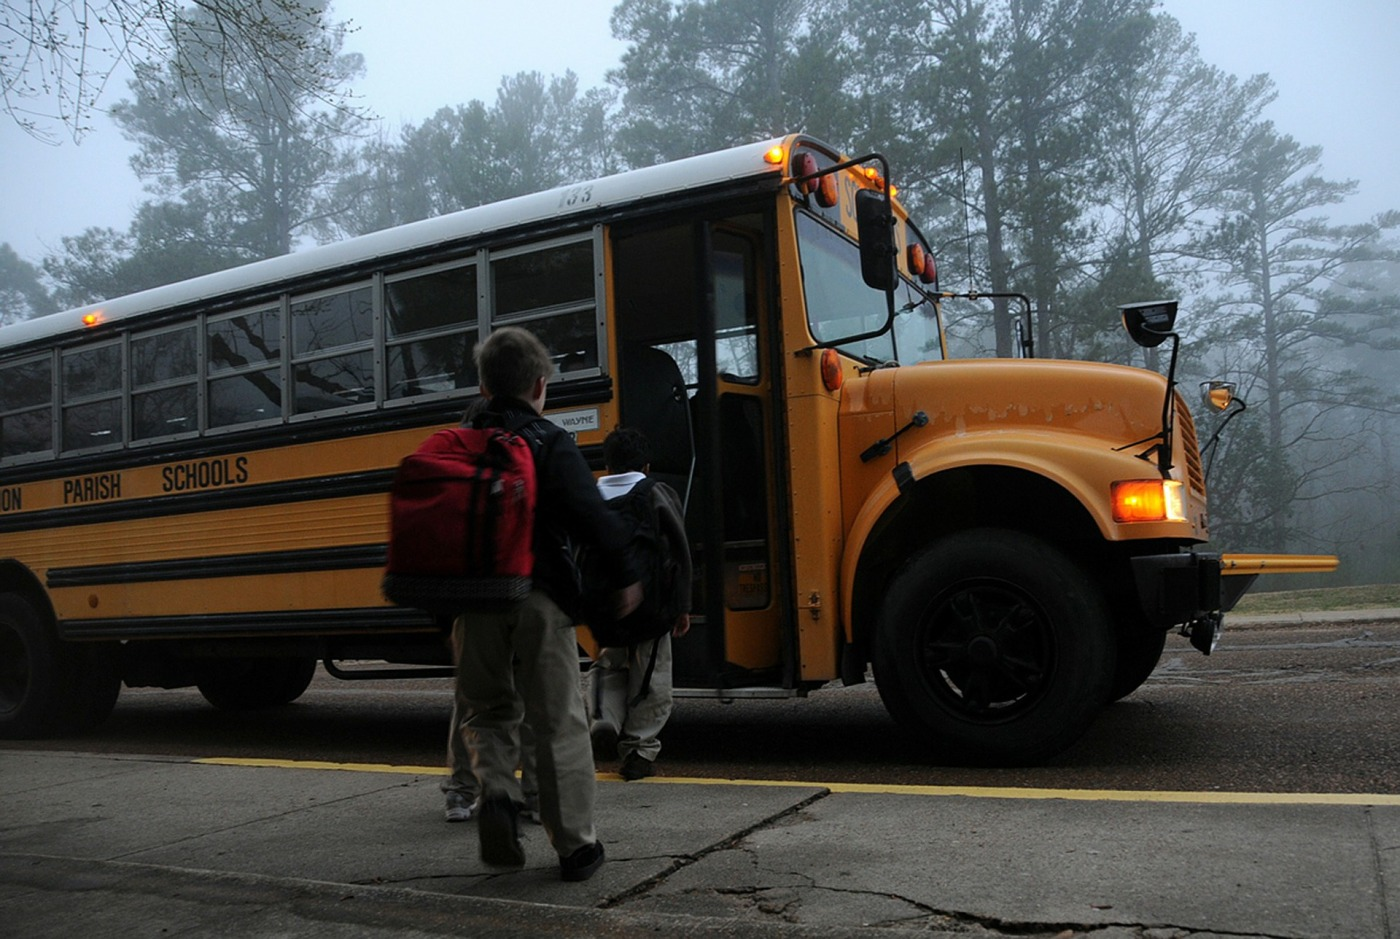 School - Children - Bus - Security - Parenting